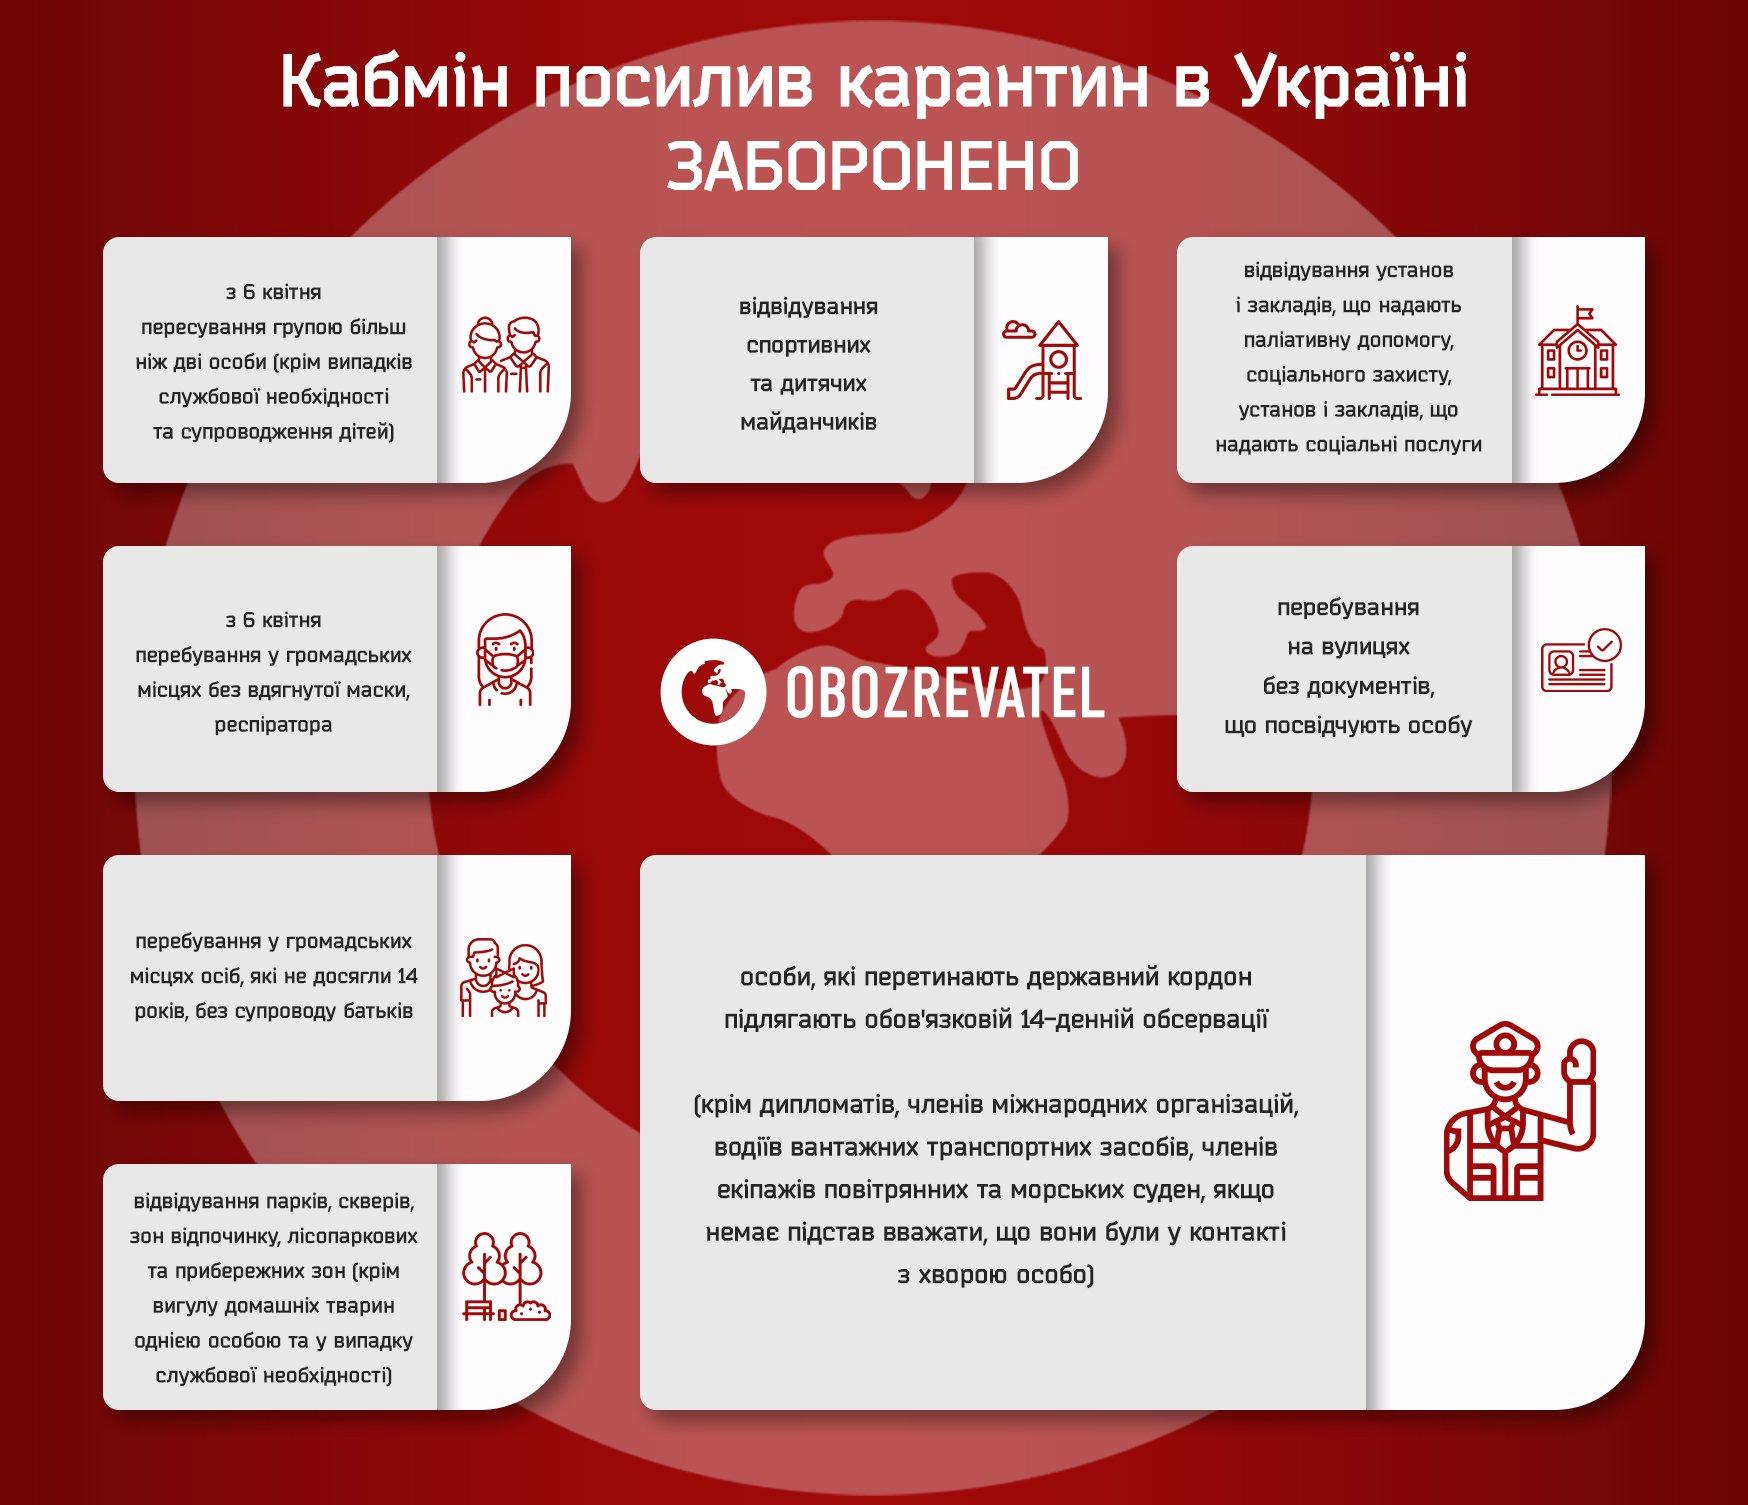 Поки без паніки! Що потрібно знати українцям, якщо введуть комендантську годину